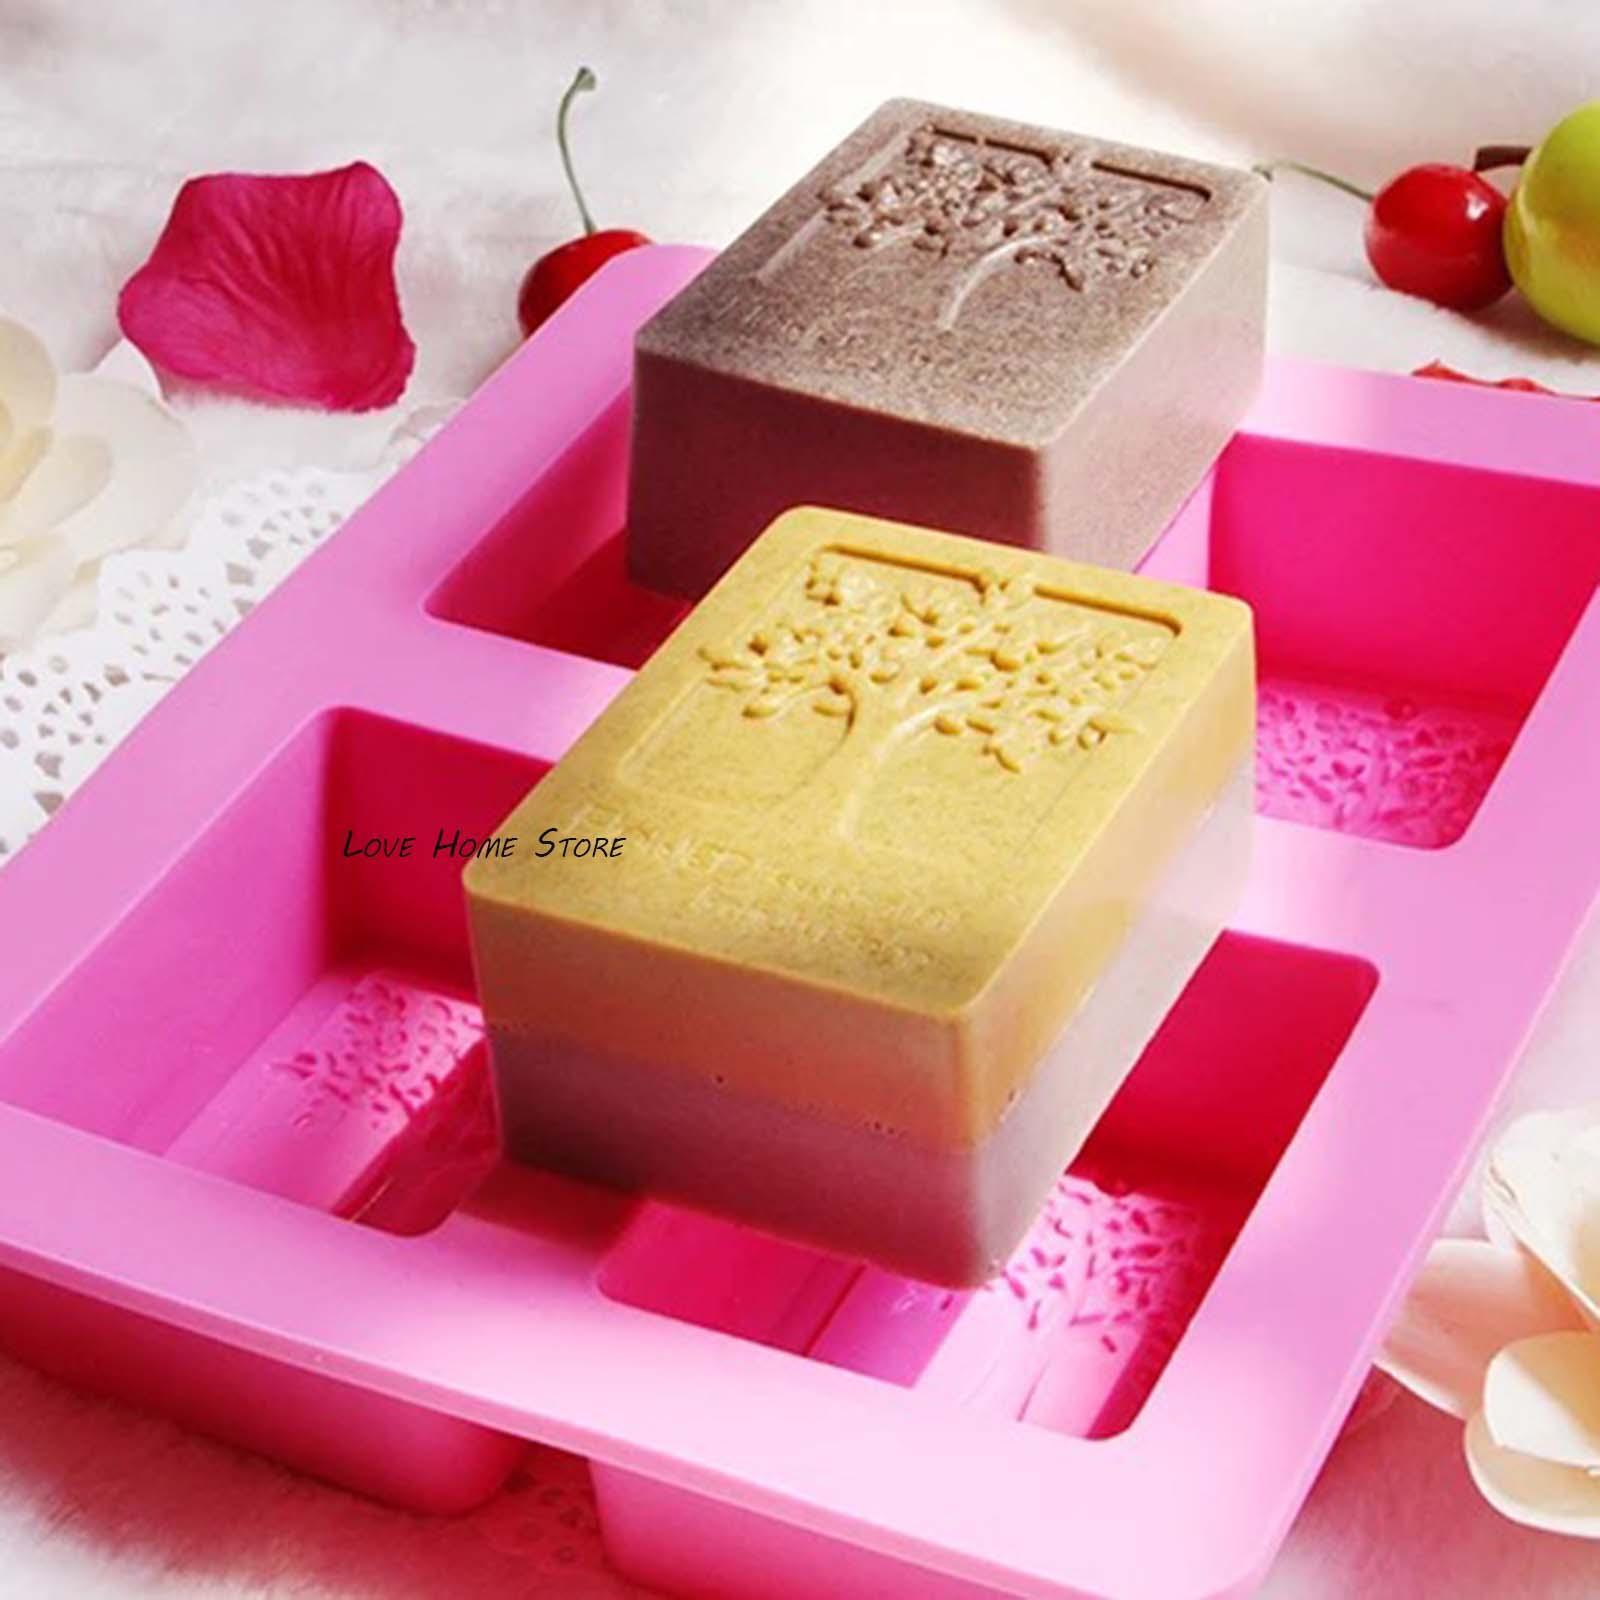 4 in 1 olivo fai da te stampi in silicone stampi biscotto della muffa del silicone per sapone Handmade caramella della candela kit cioccolato cottura stampi